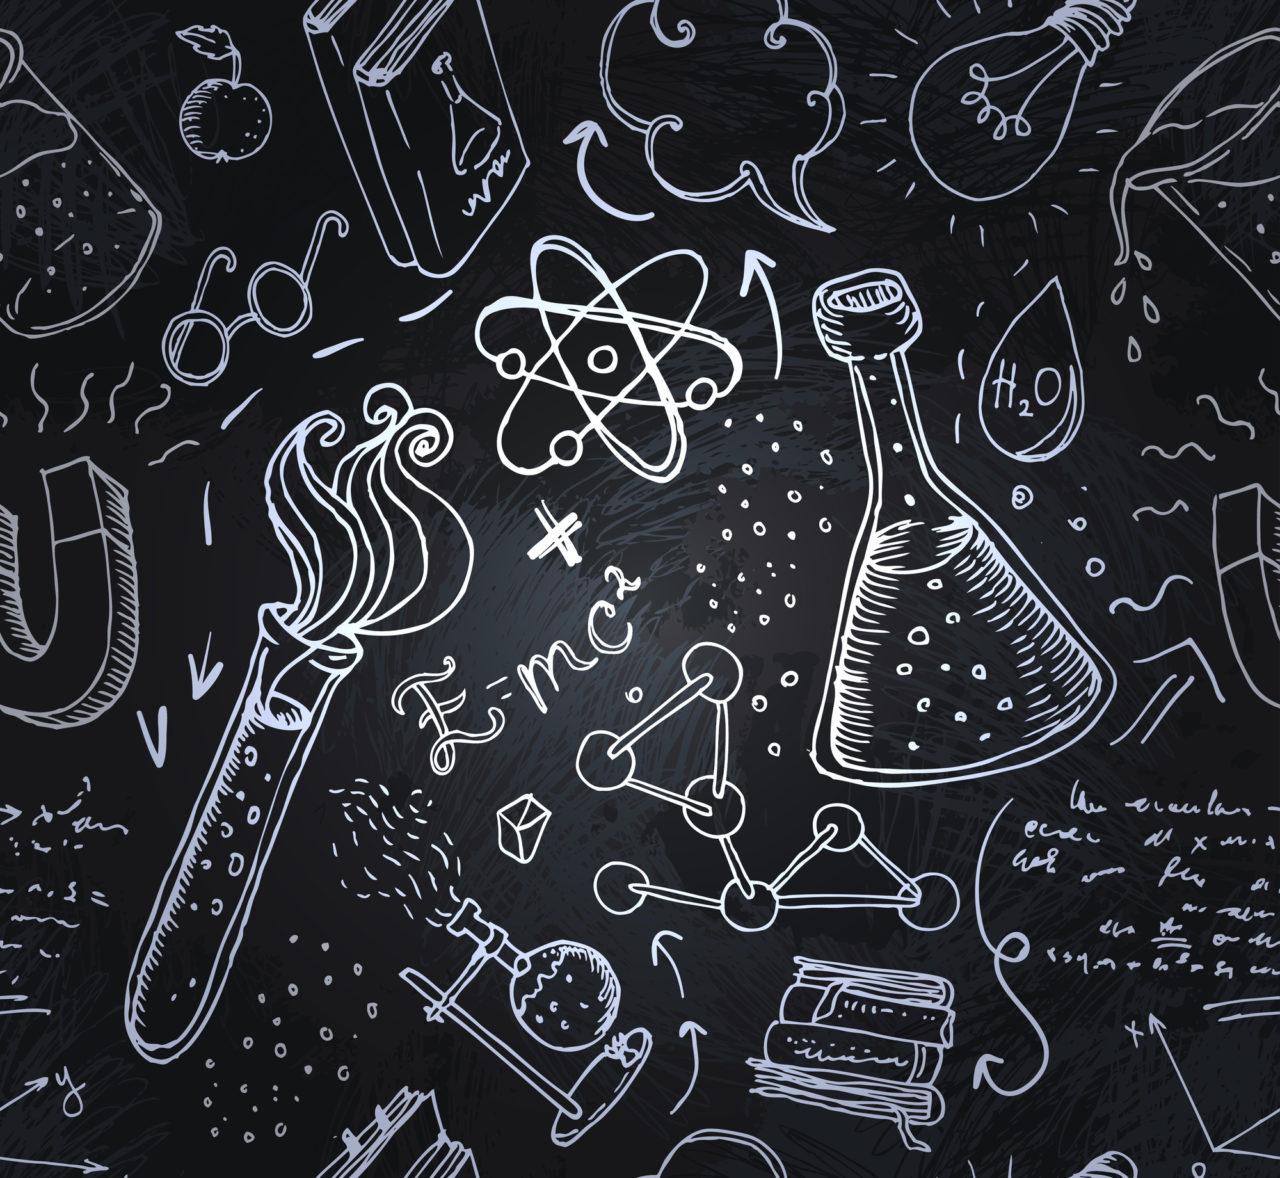 Wie kann das Judentum der Wissenschaft widersprechen?